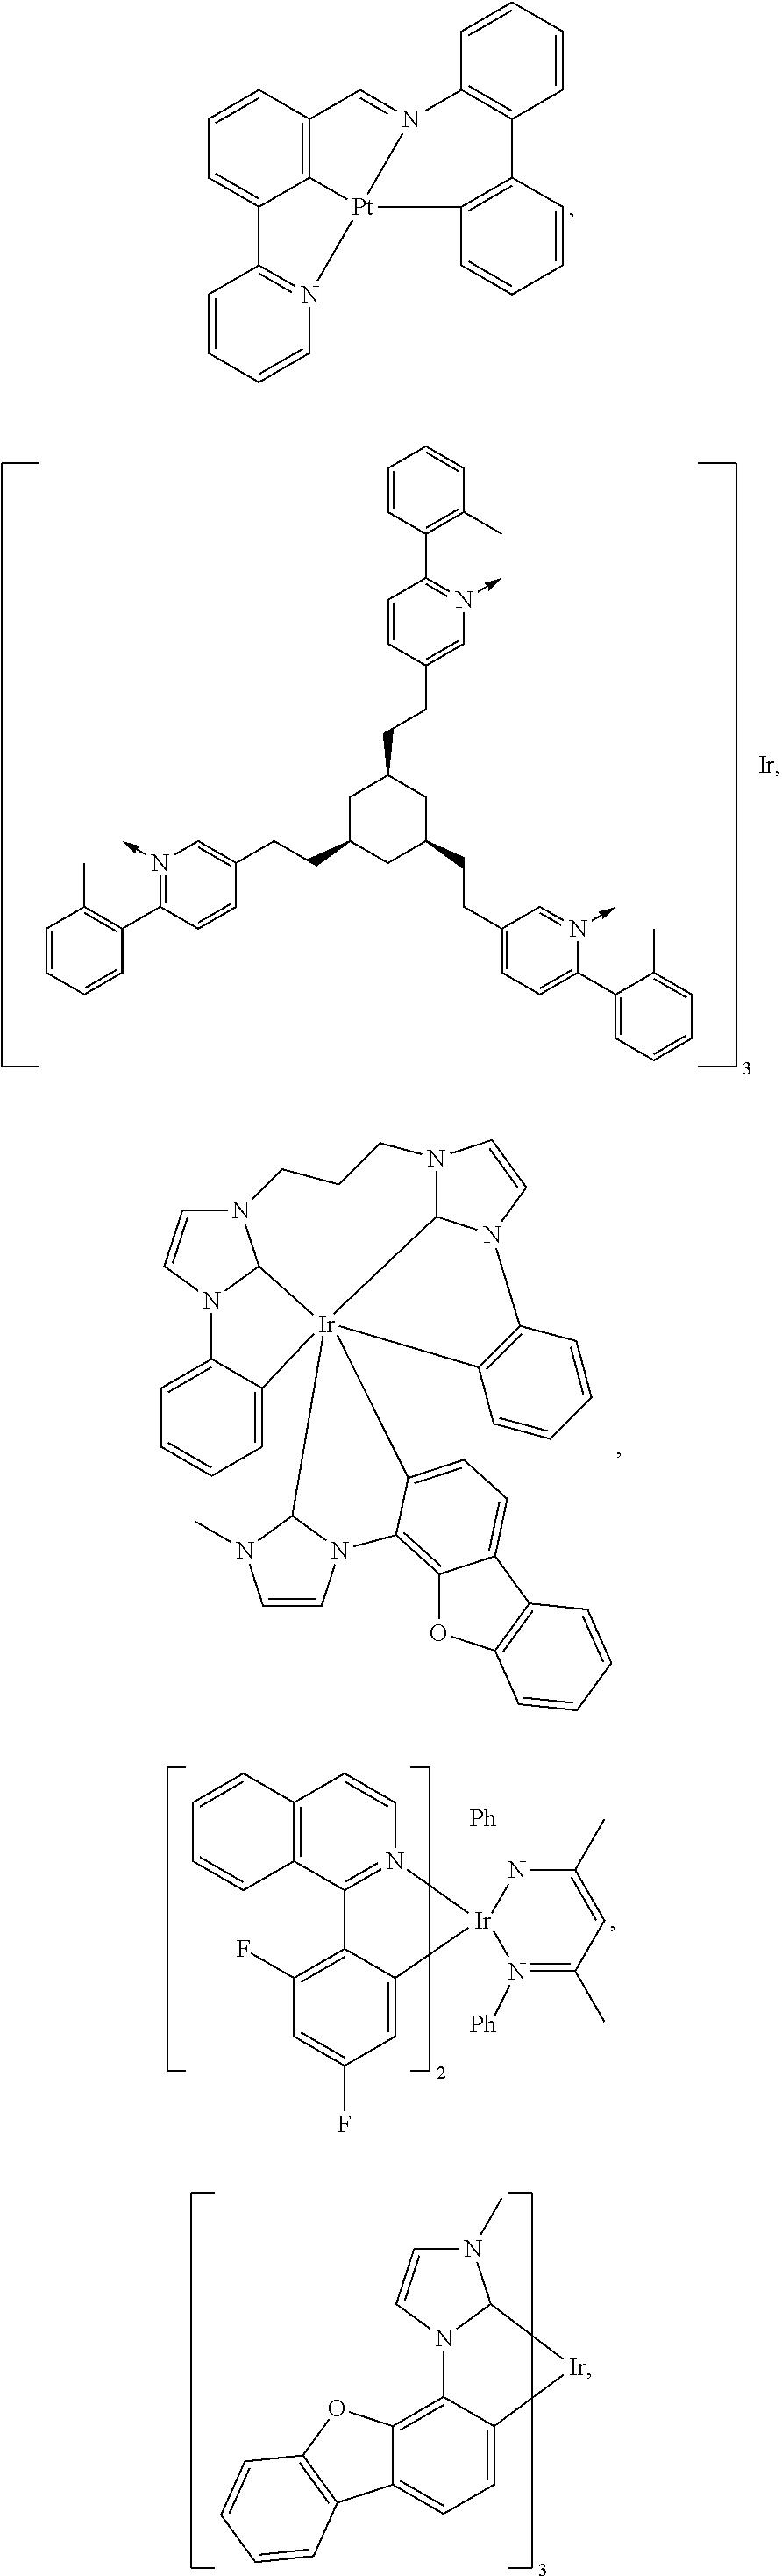 Figure US09978956-20180522-C00089